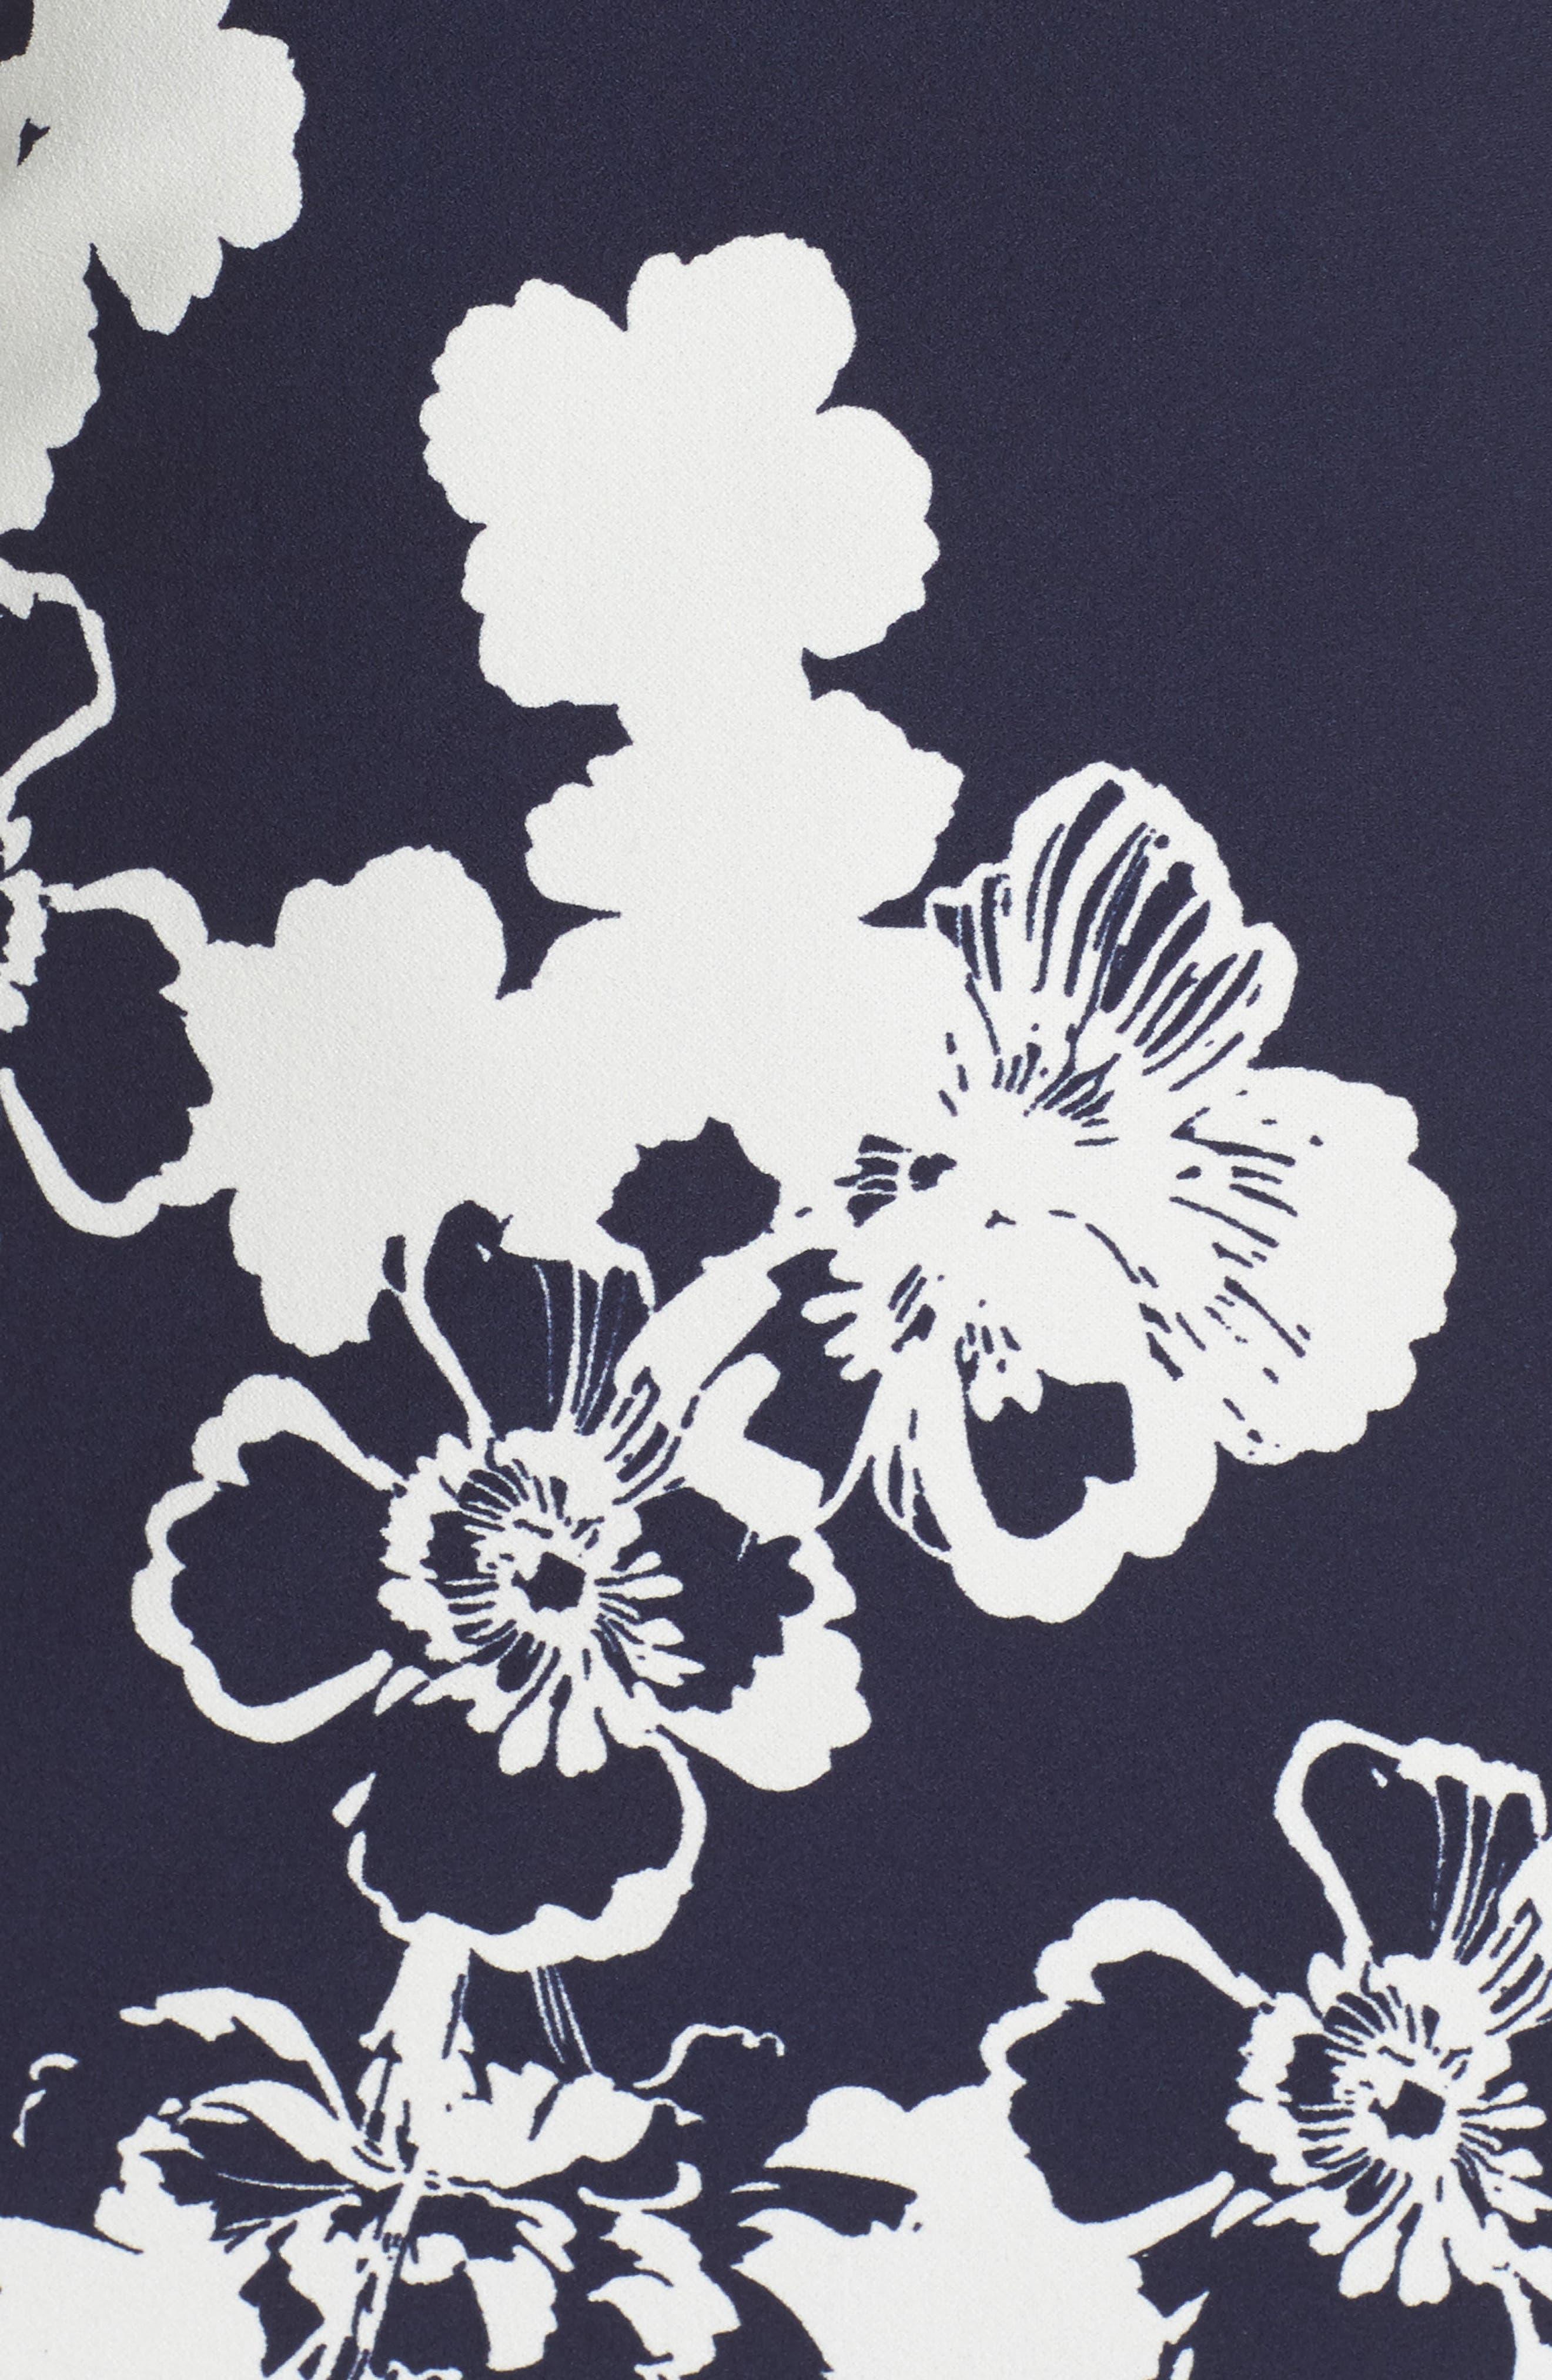 Cold Shoulder Shift Dress,                             Alternate thumbnail 5, color,                             Navy/ Ivory